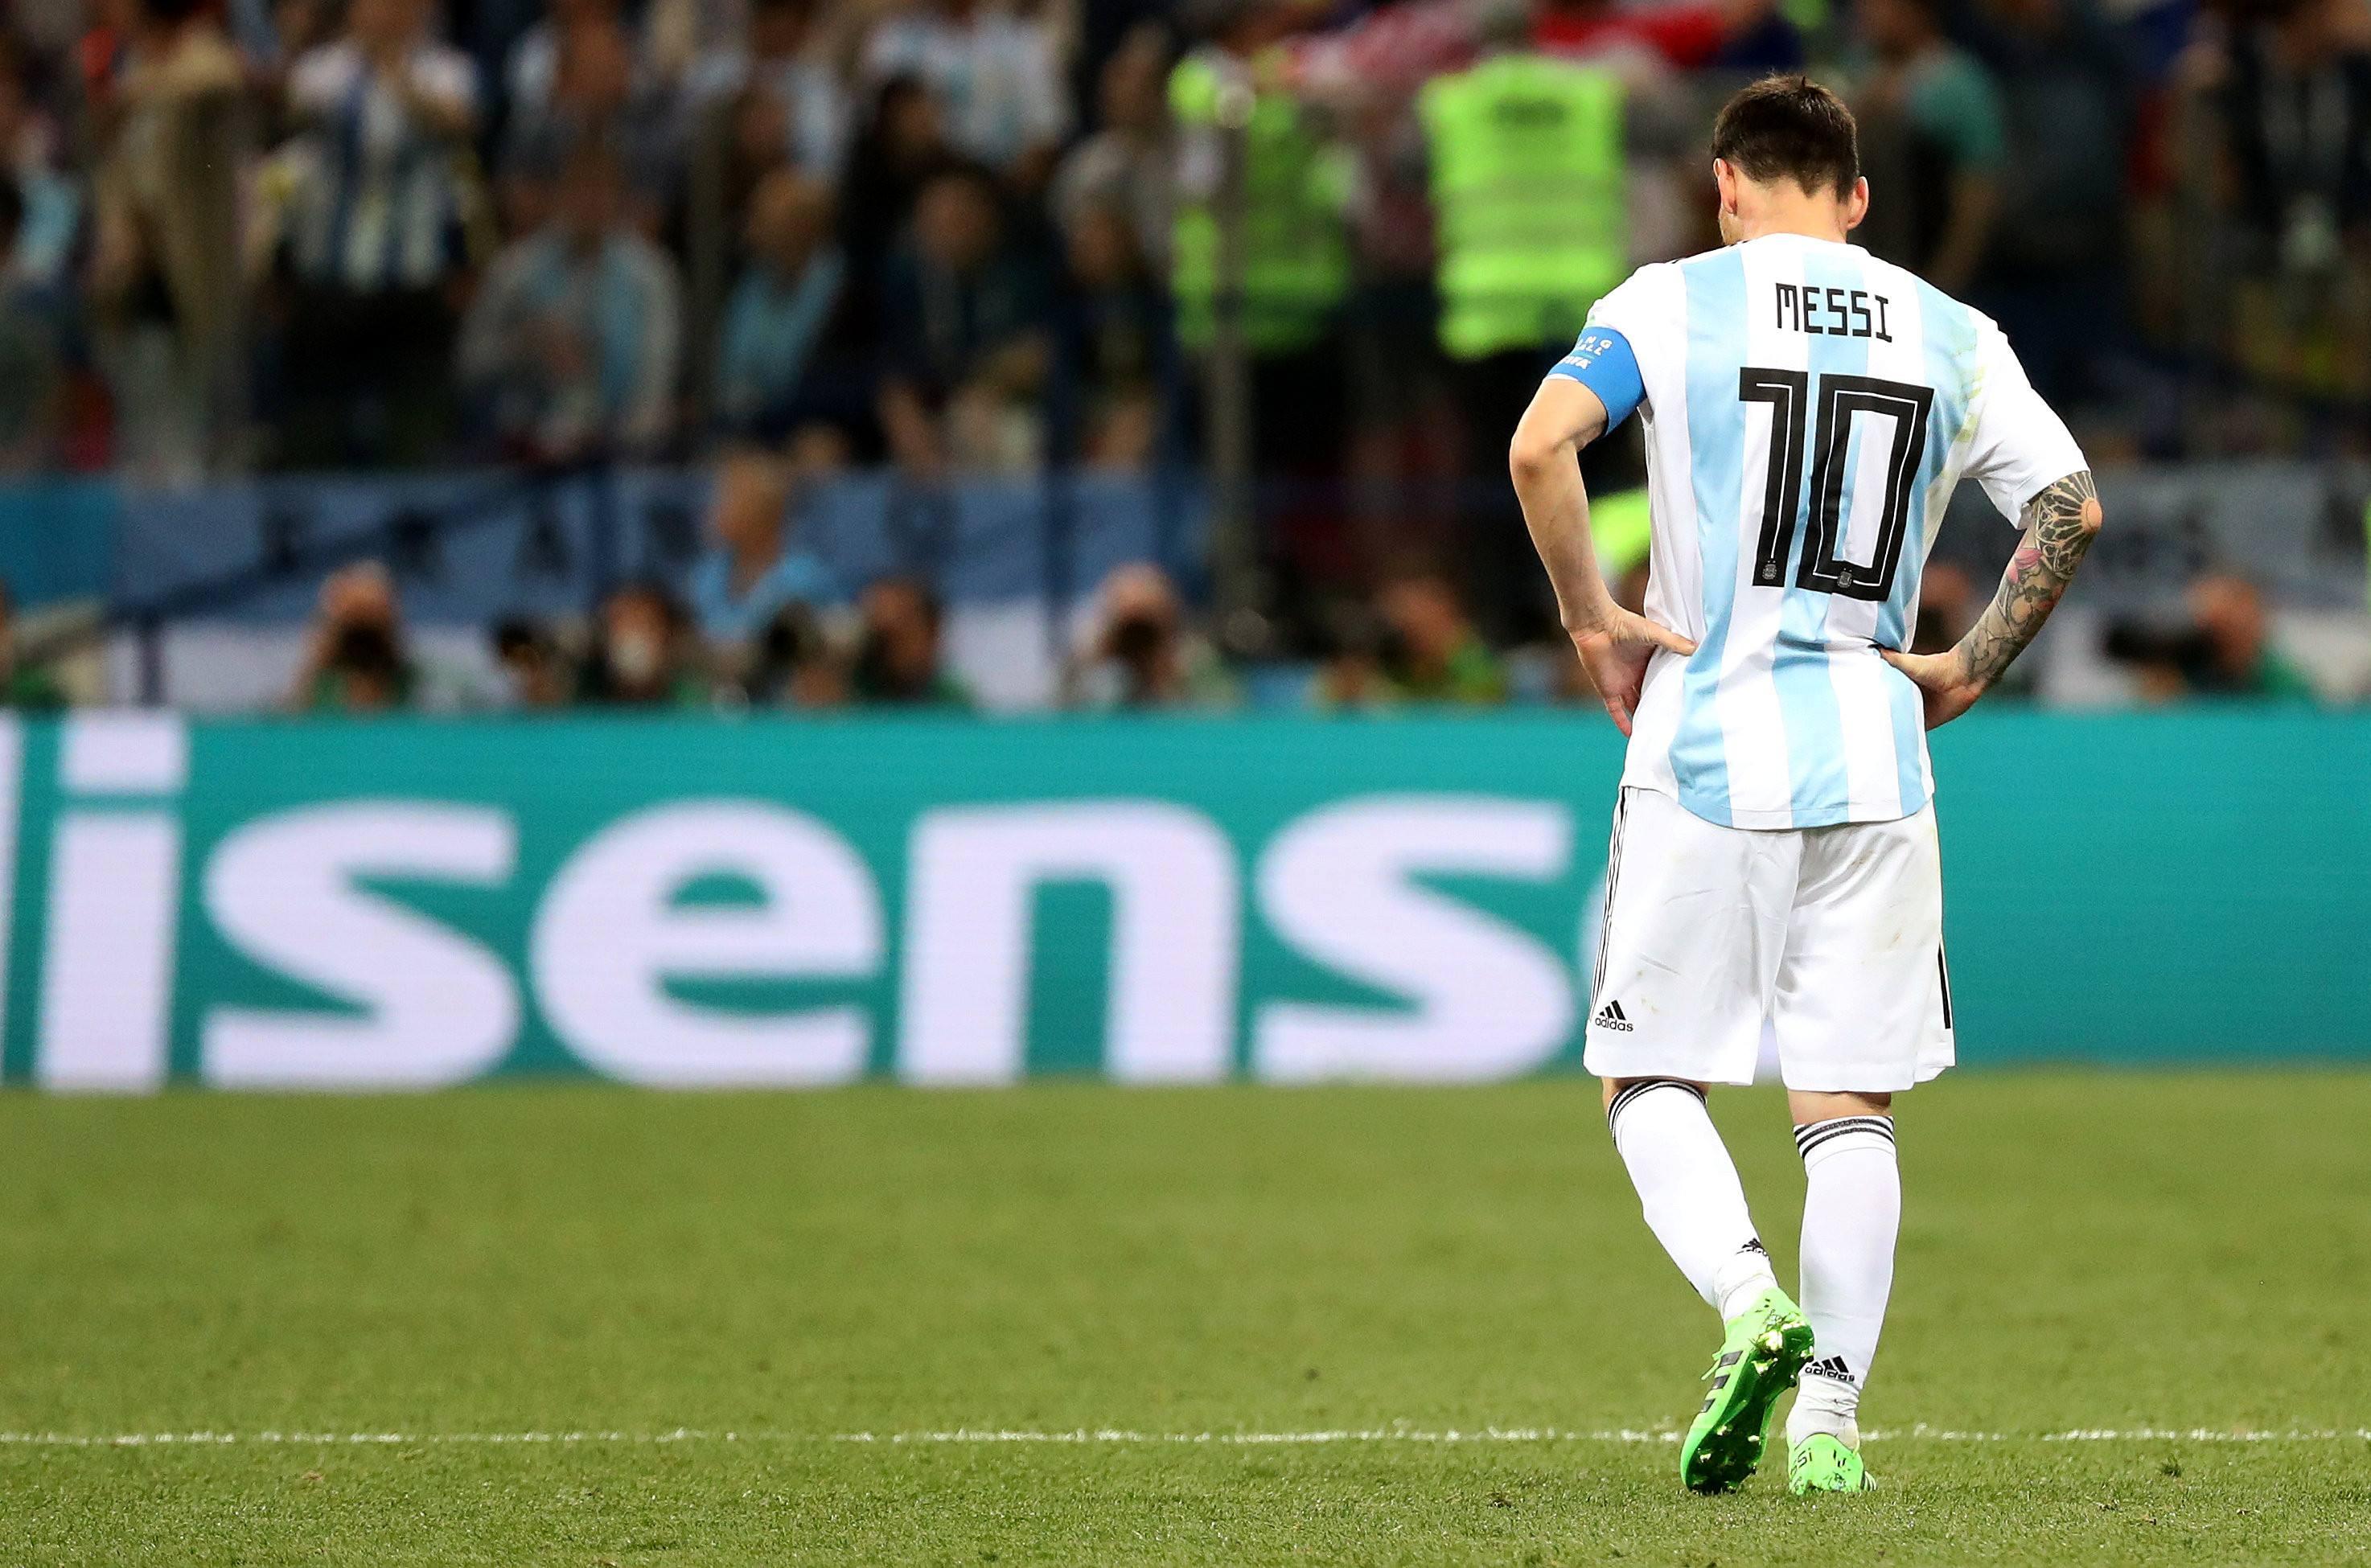 鲁尼直言新赛季的曼联,无资格拥有优秀球员,梅西被美足联针对了